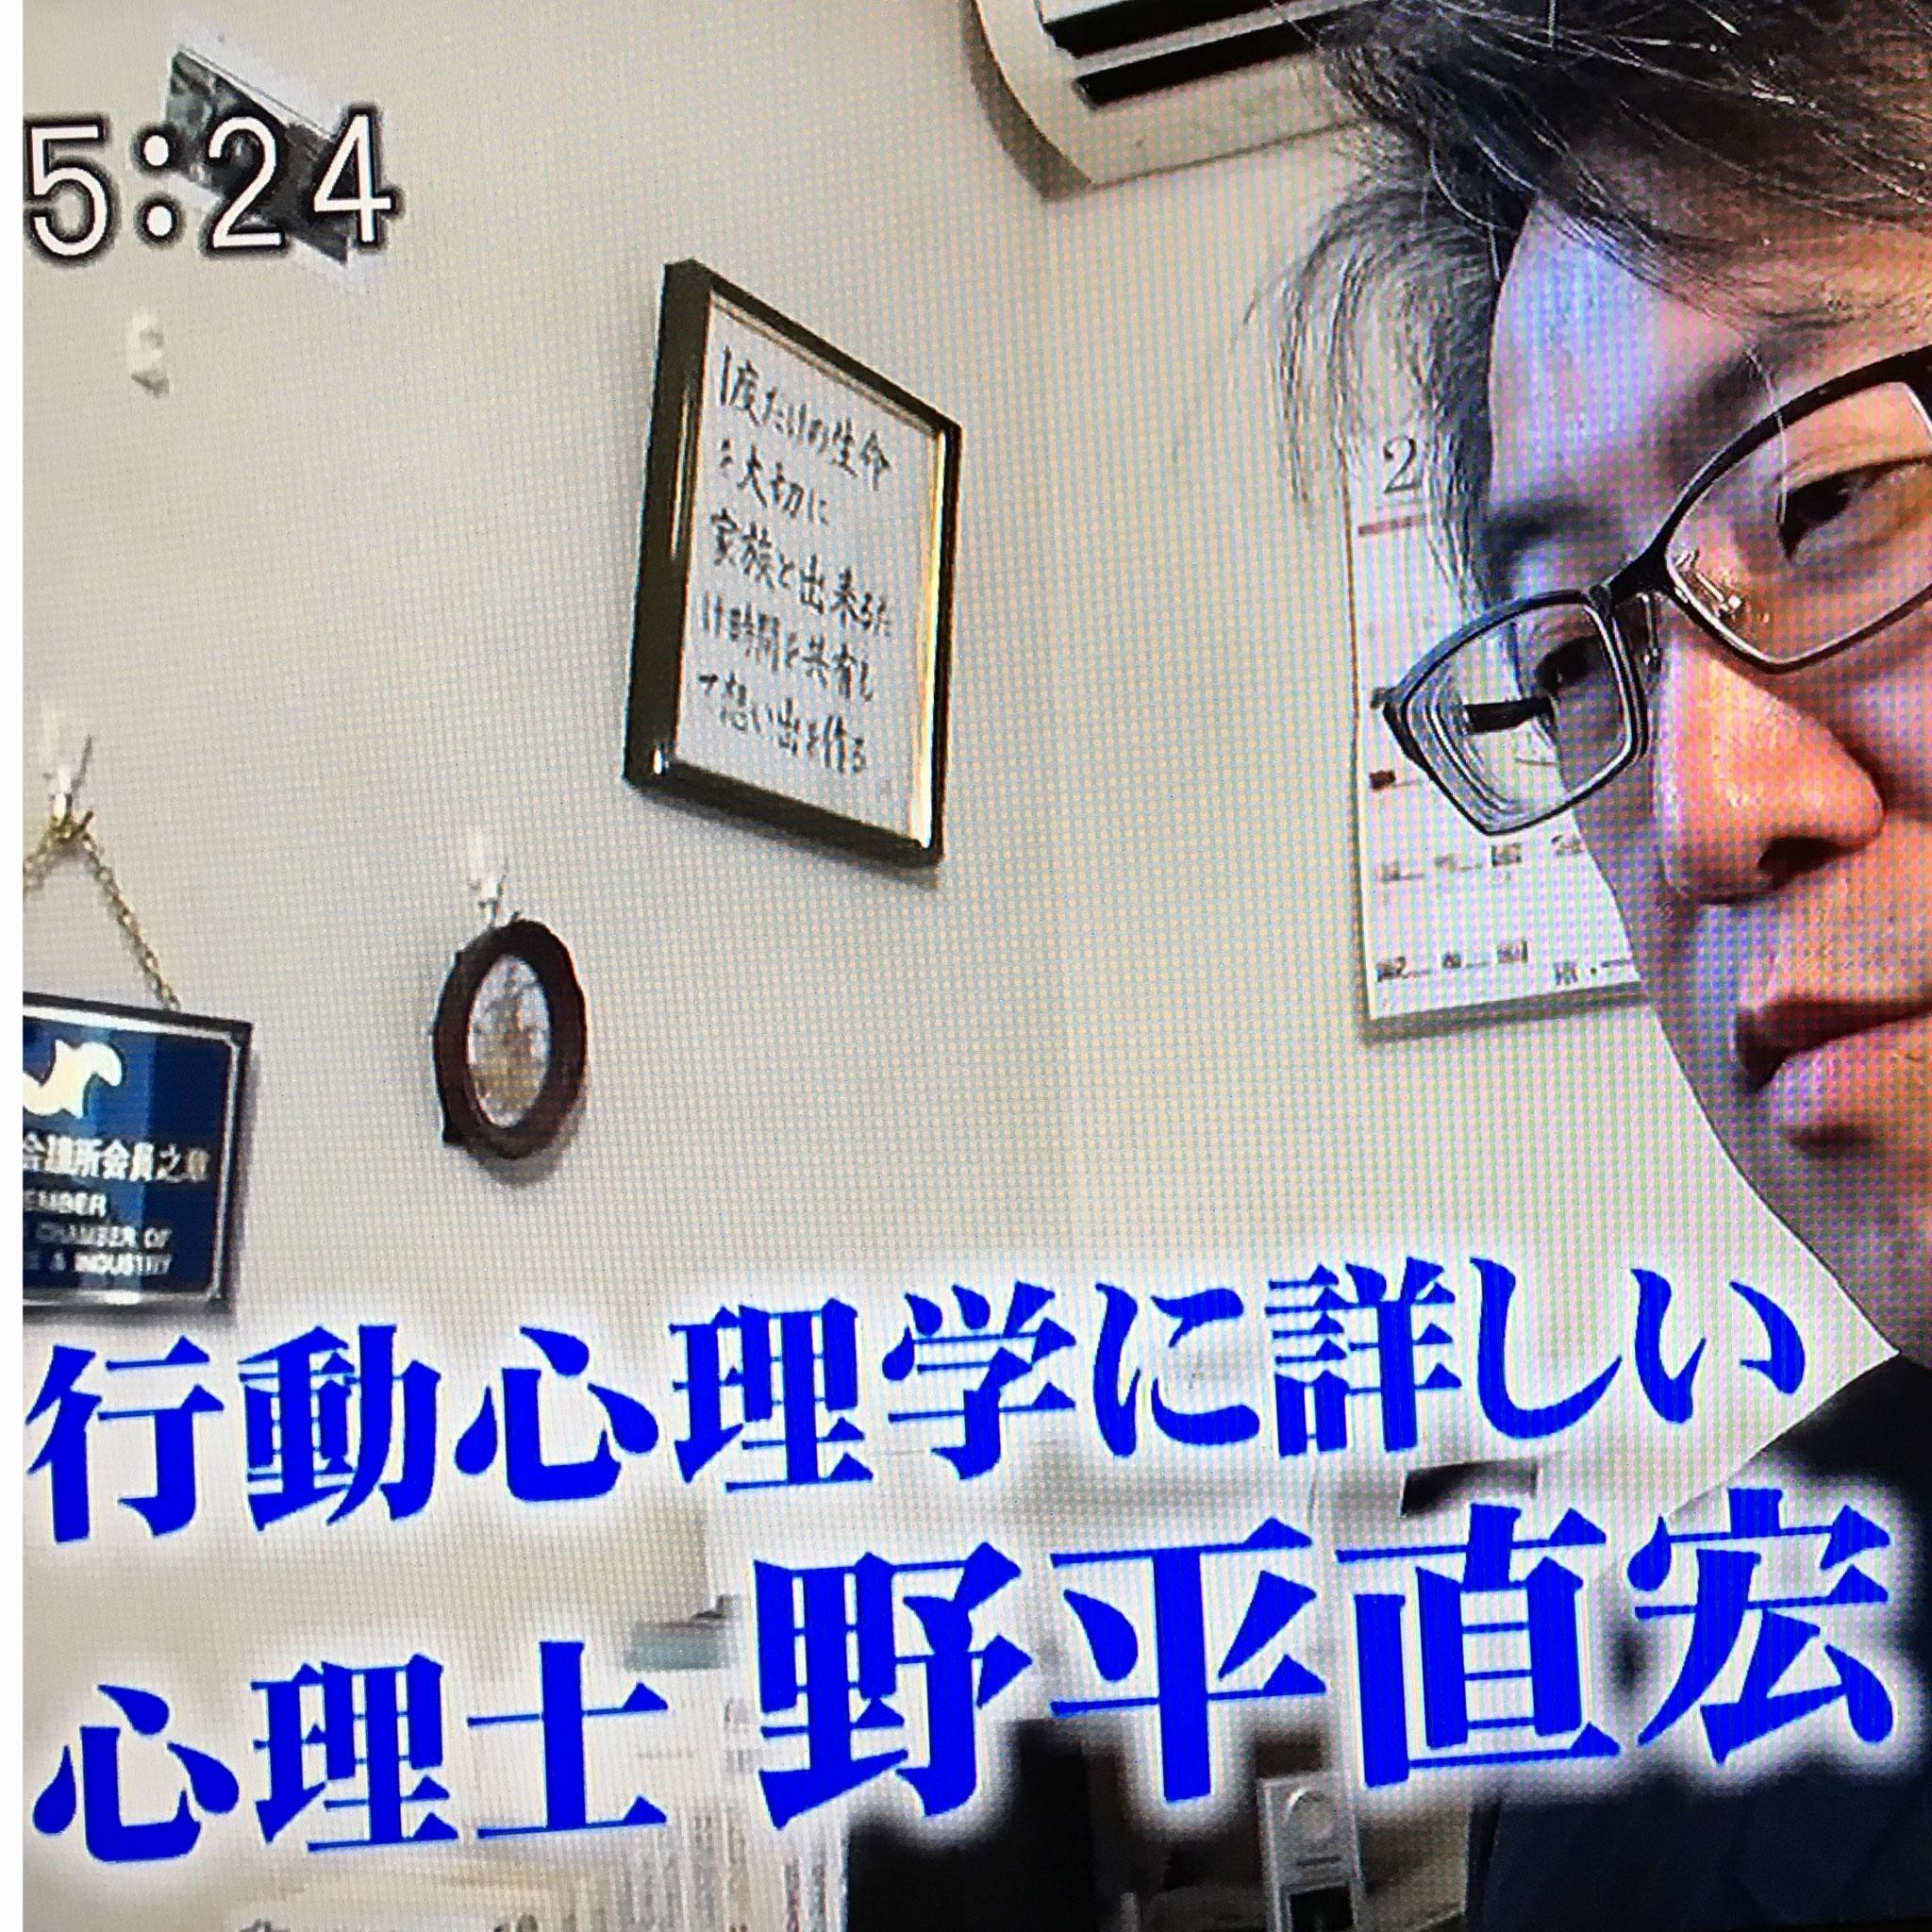 TOKYO MXテレビ ワイドショウ番組出演